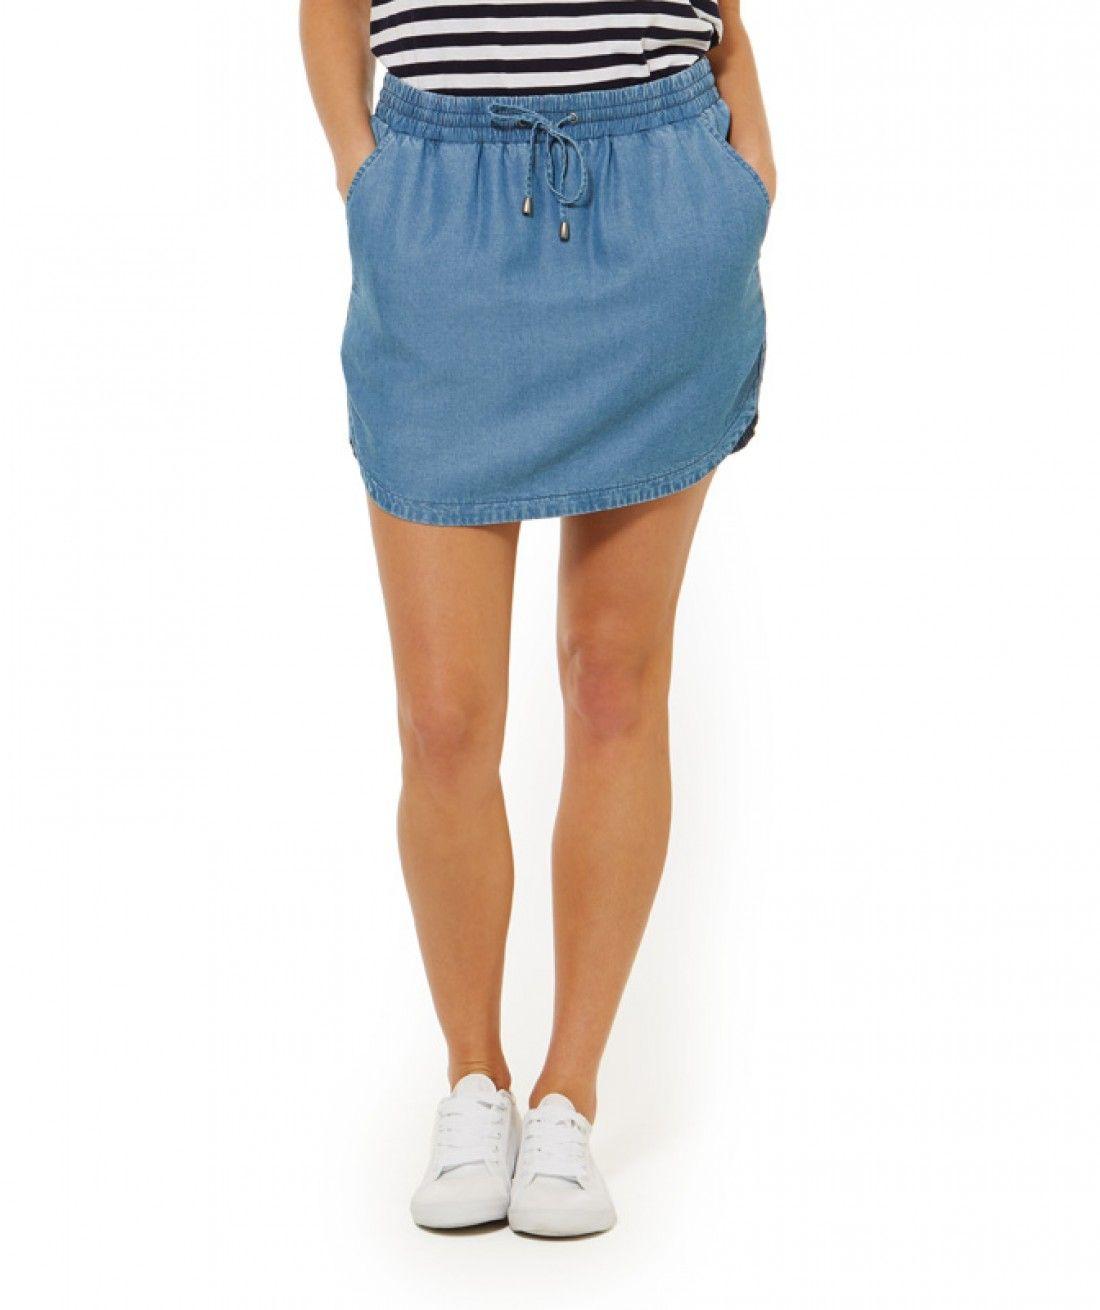 fa0e7716ef Blue Jean Baby - Lyocell Jogger Skirt - Clothing - Sportsgirl   What ...